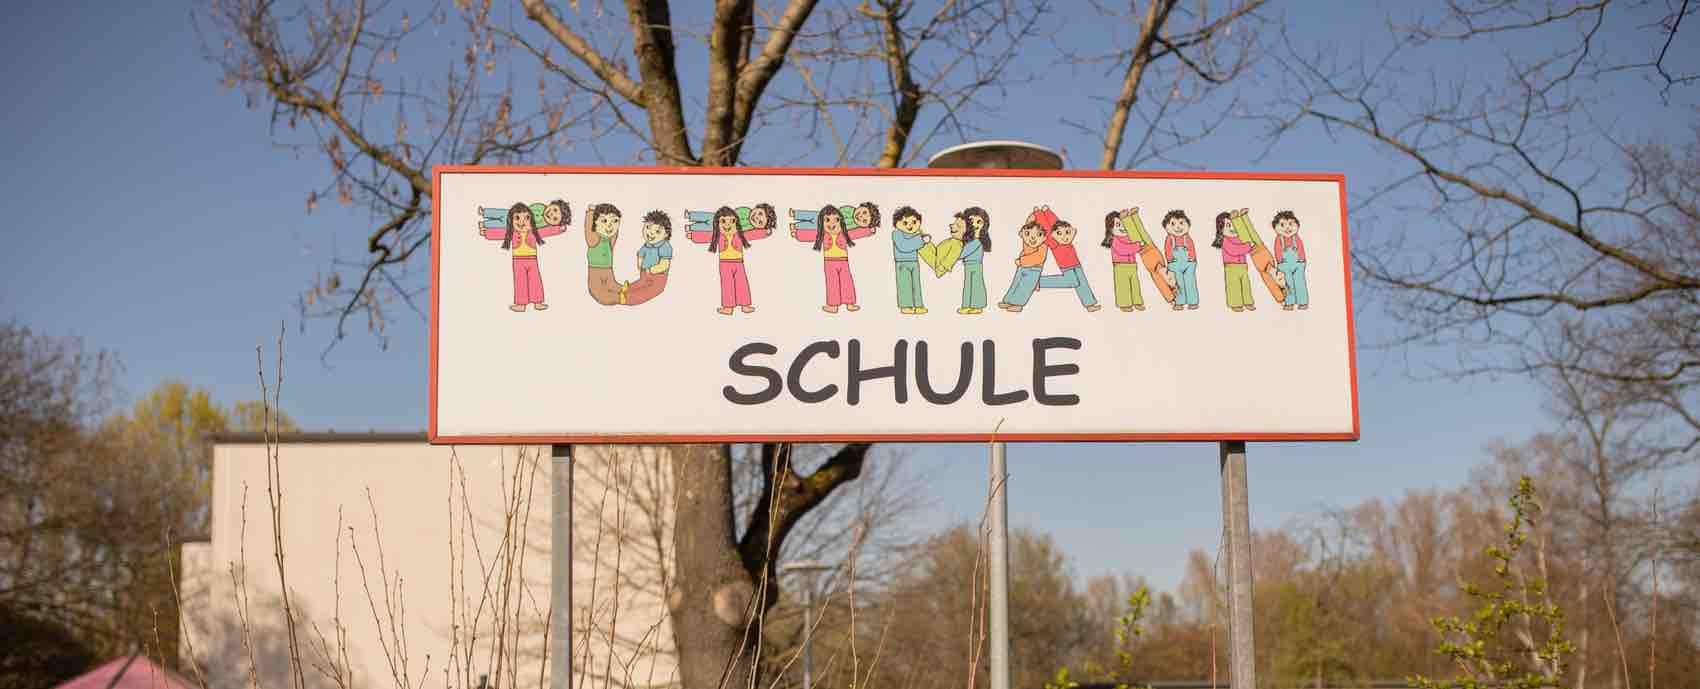 Tuttmann-Schule-28_1700x689_opt